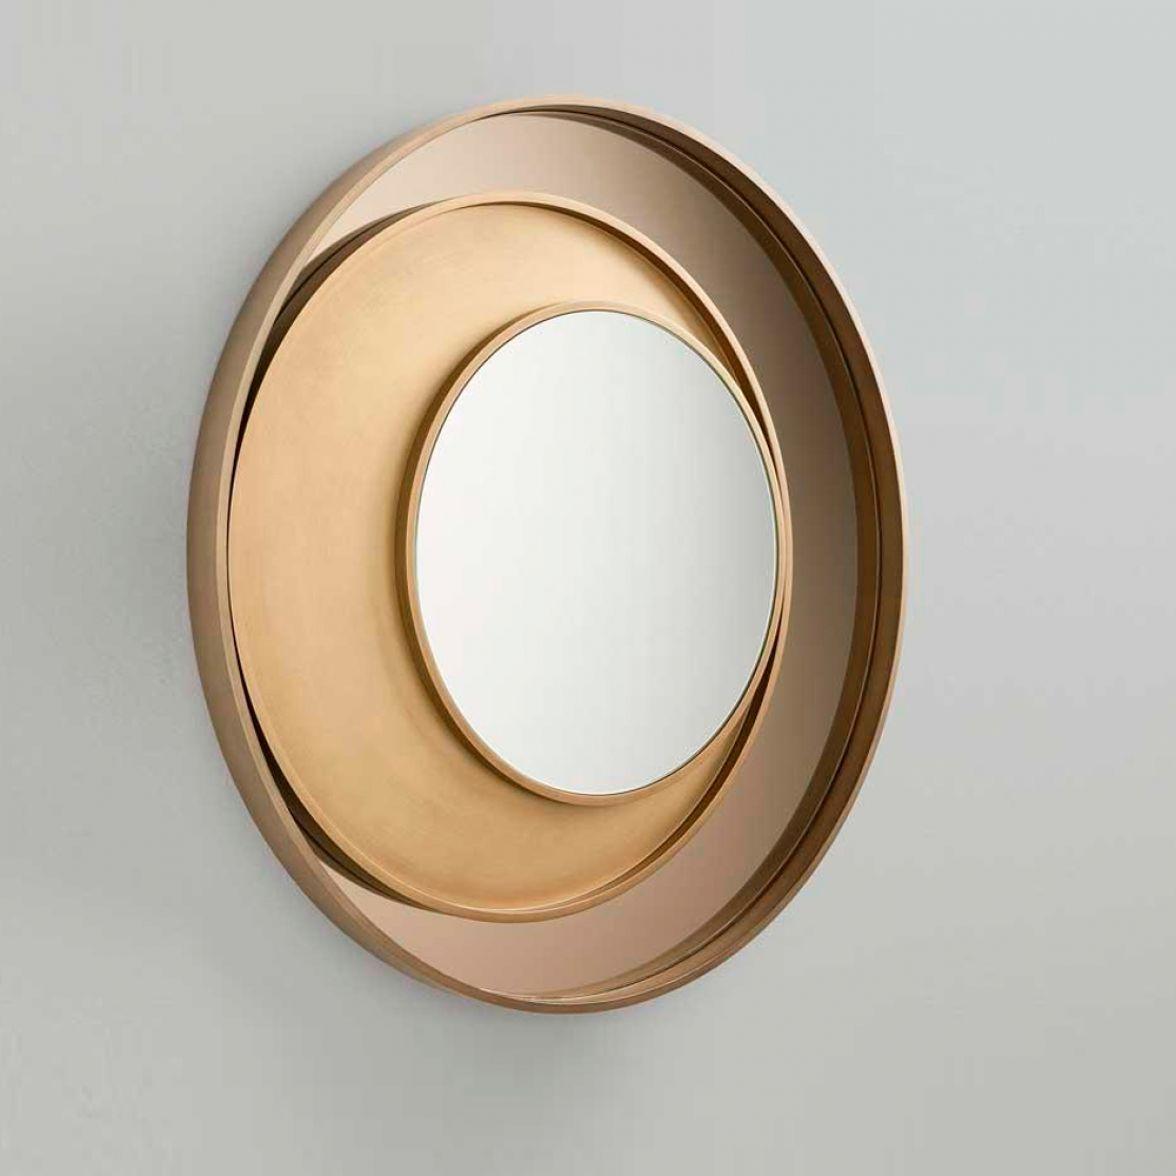 Eclisse mirror